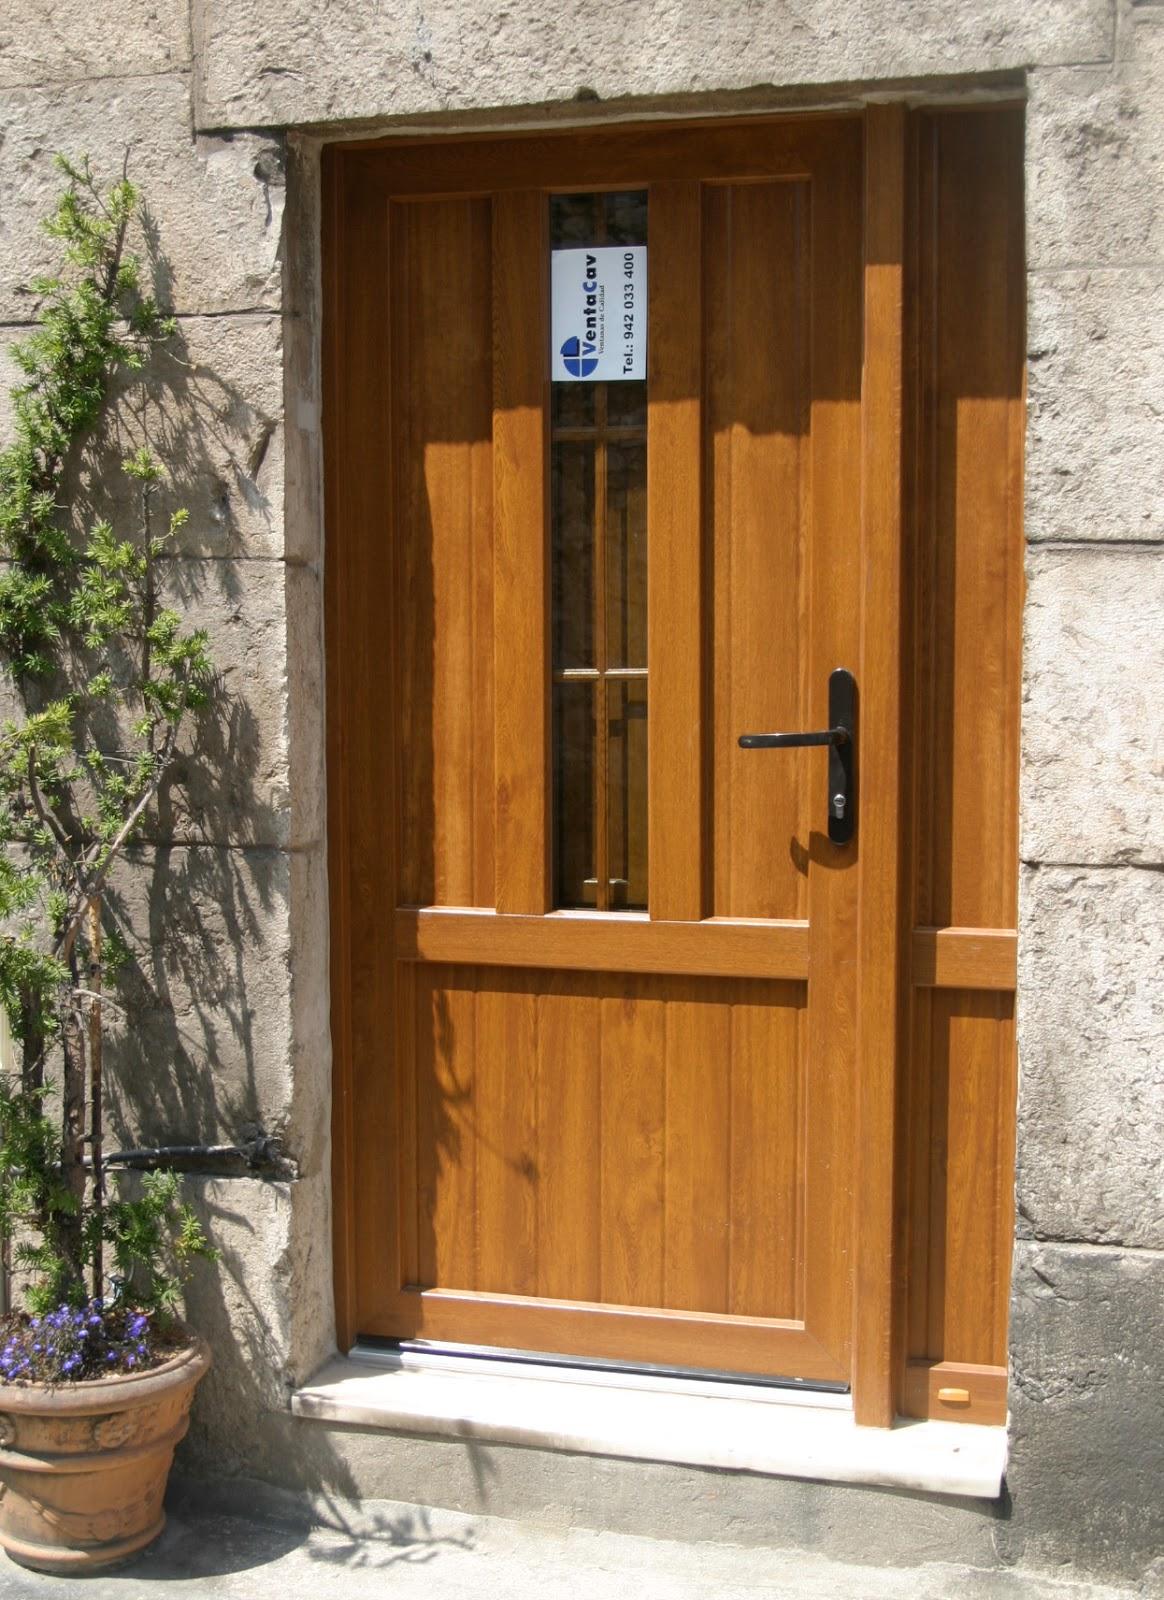 Ventanas de pvc o aluminio ventanas y puertas de - Puerta exterior aluminio precio ...